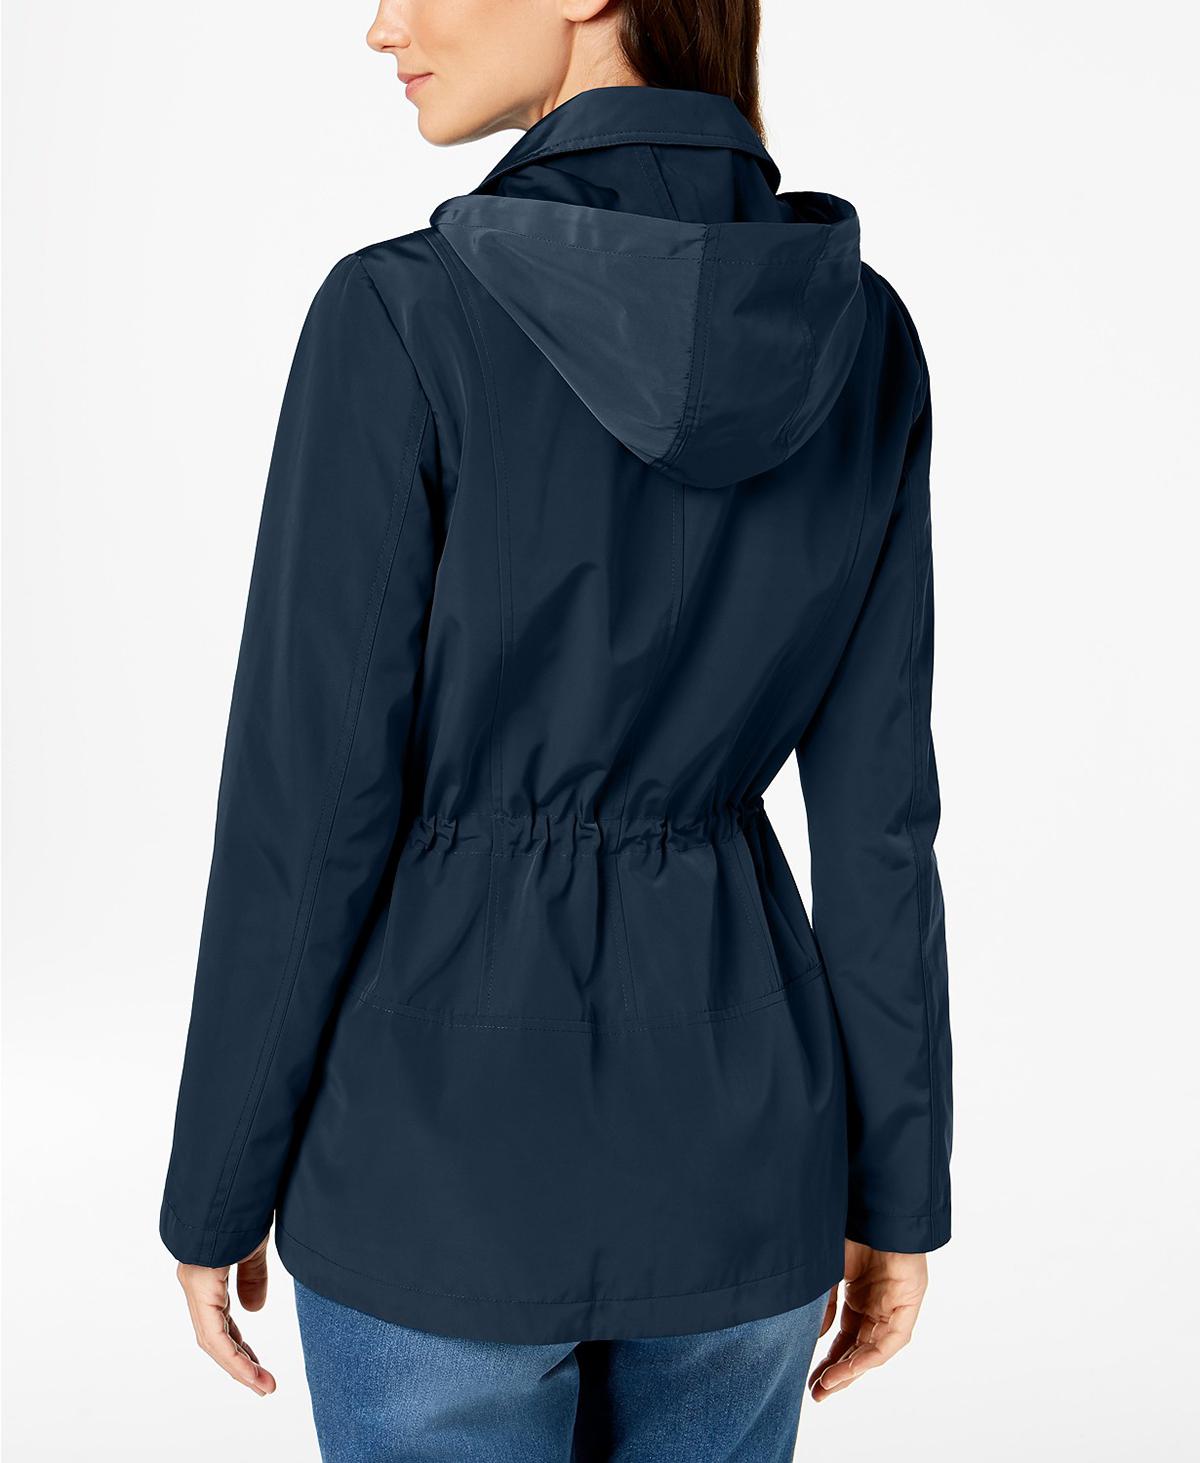 Spring Jacket Blue